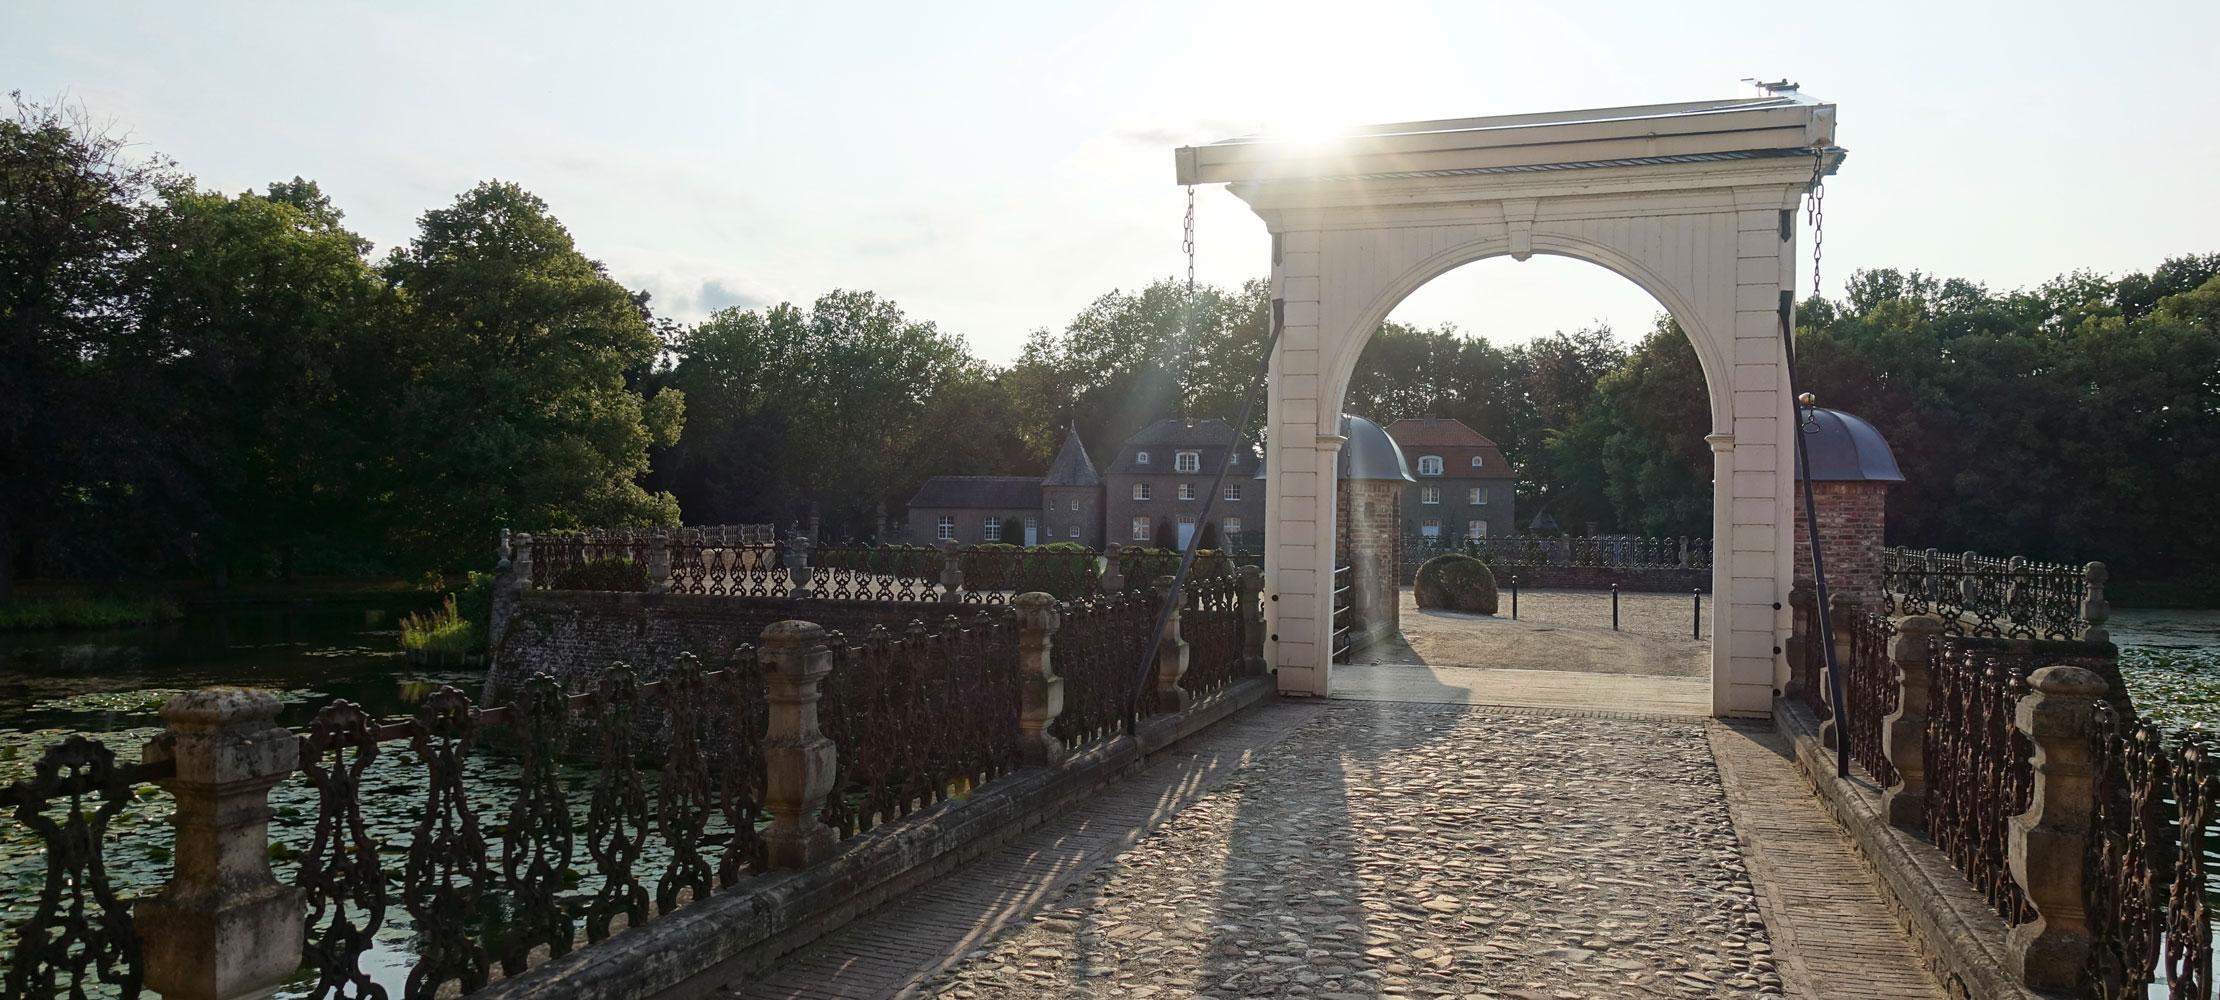 Romantik Hotel Wasserburg Anholt. Historische Brücke der Burg.